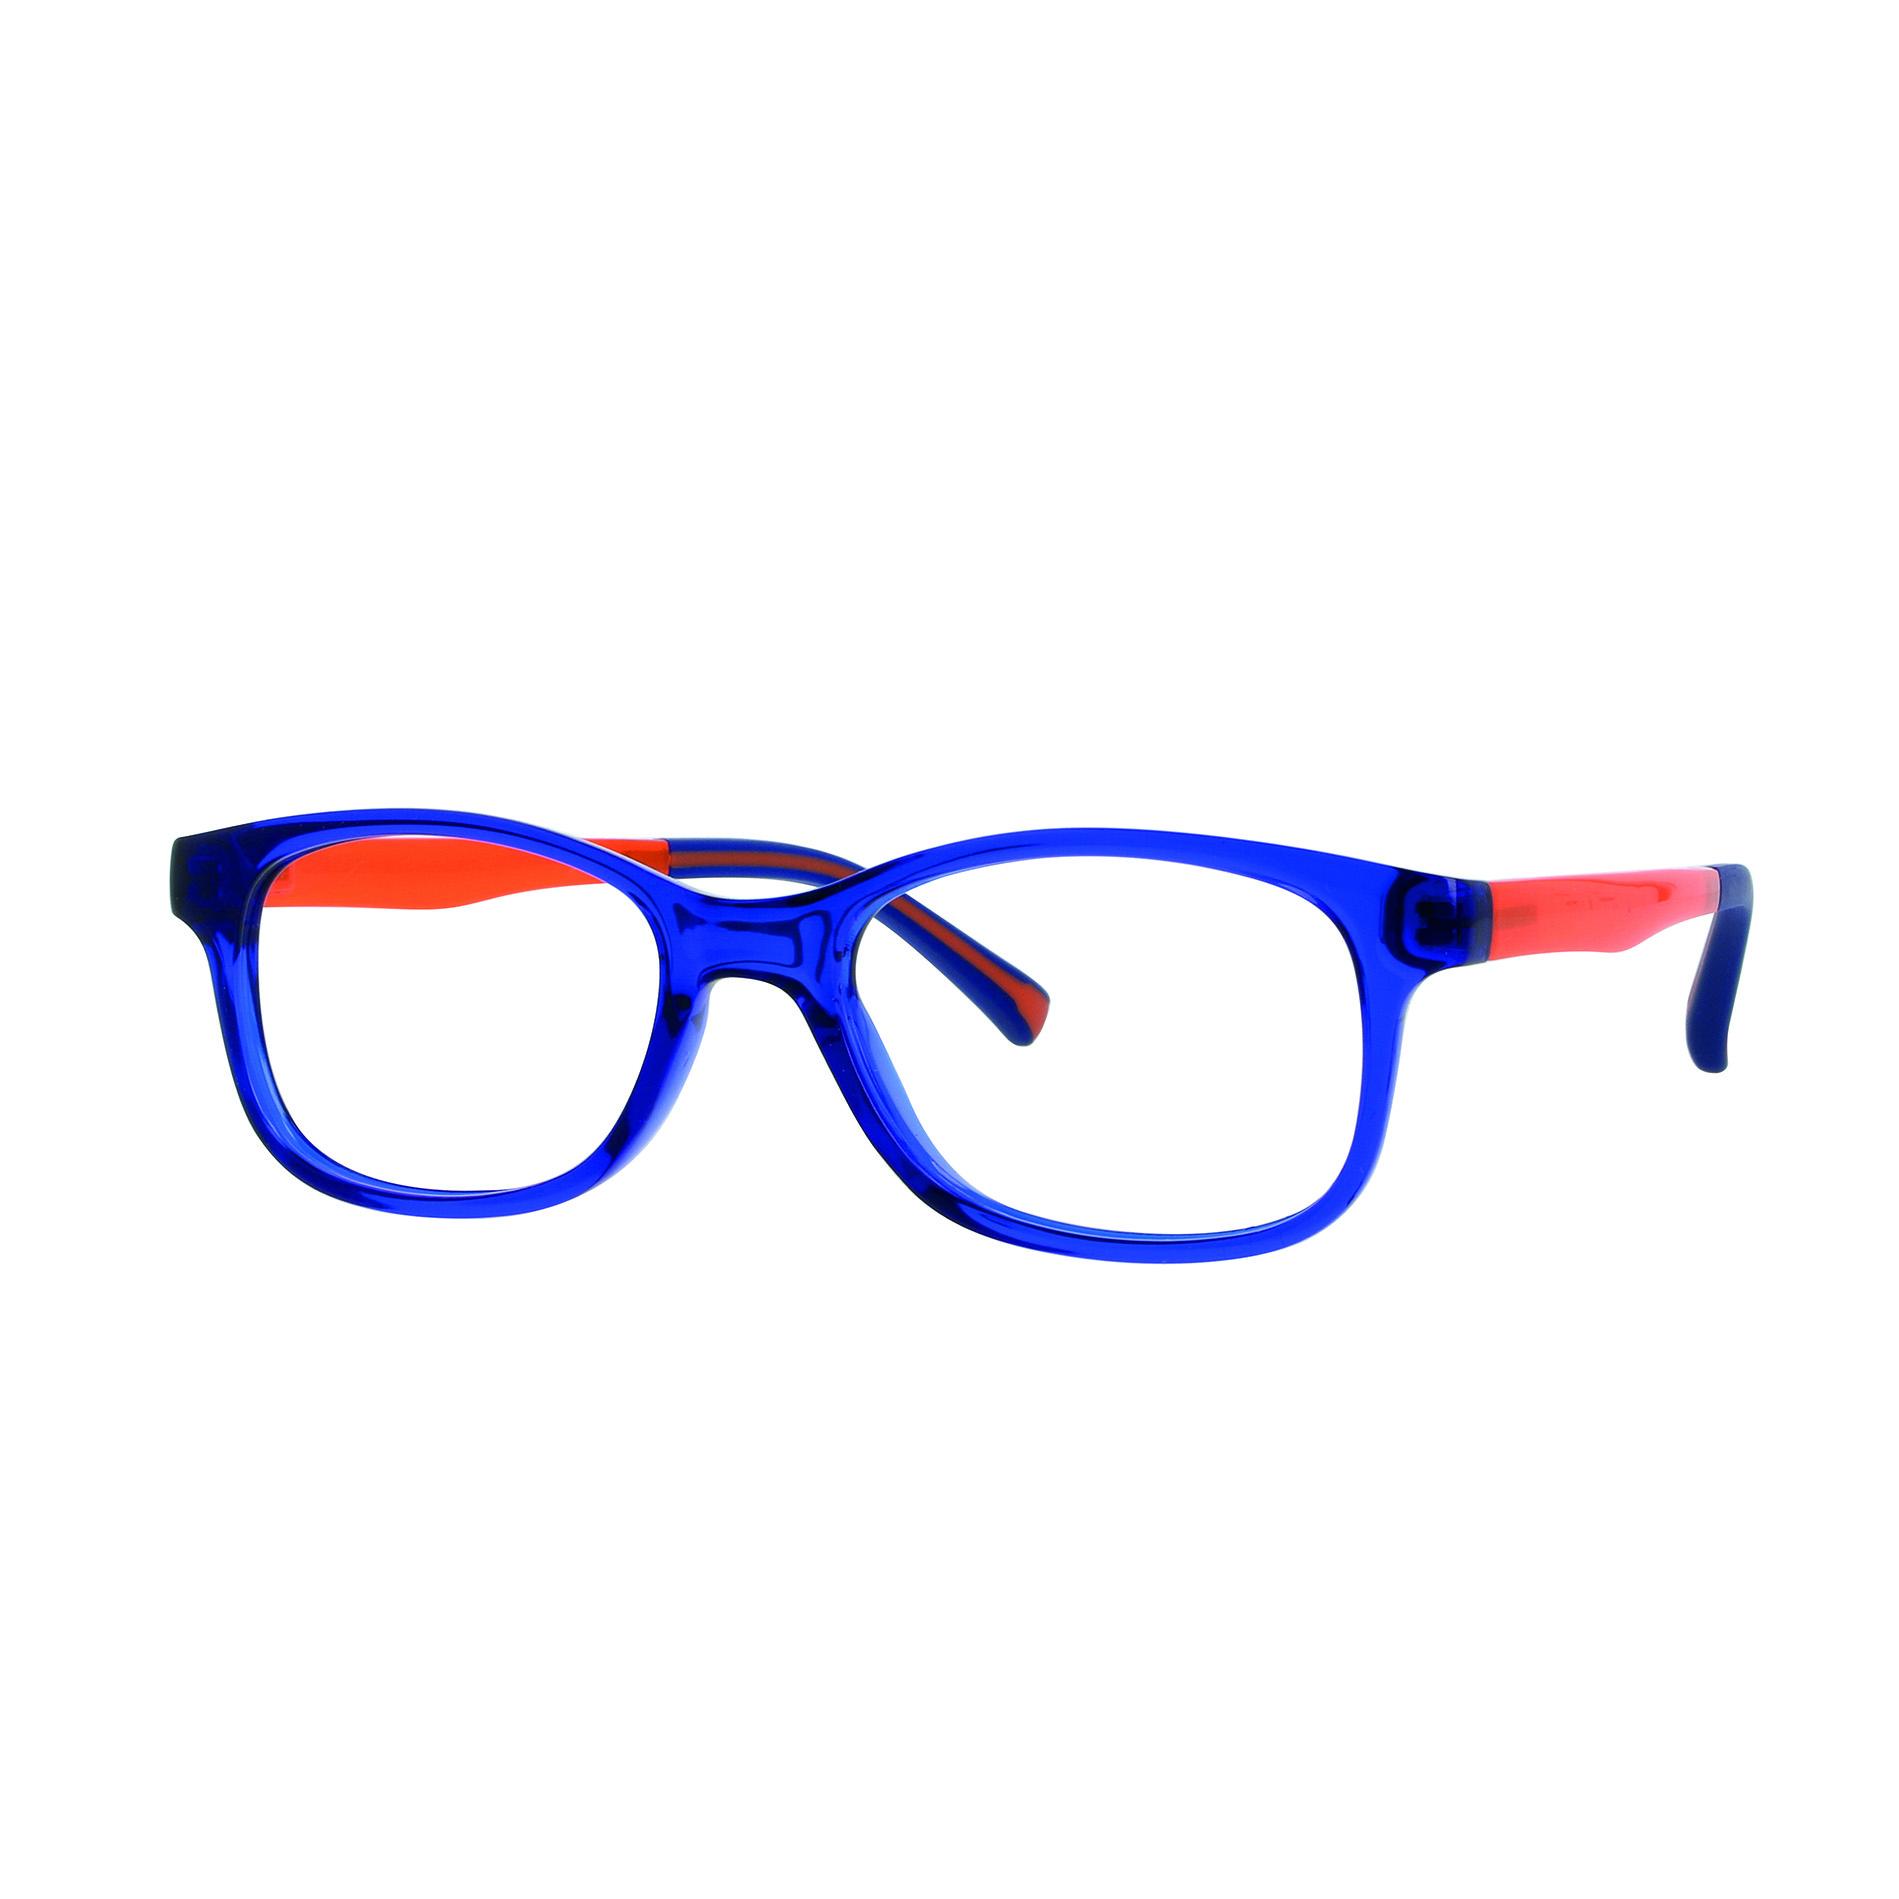 02F012946229000 - Armação Inf Active Colours (5) 46x16 Azul/Laranja Mod F012946229000 - Contém 1 Peça